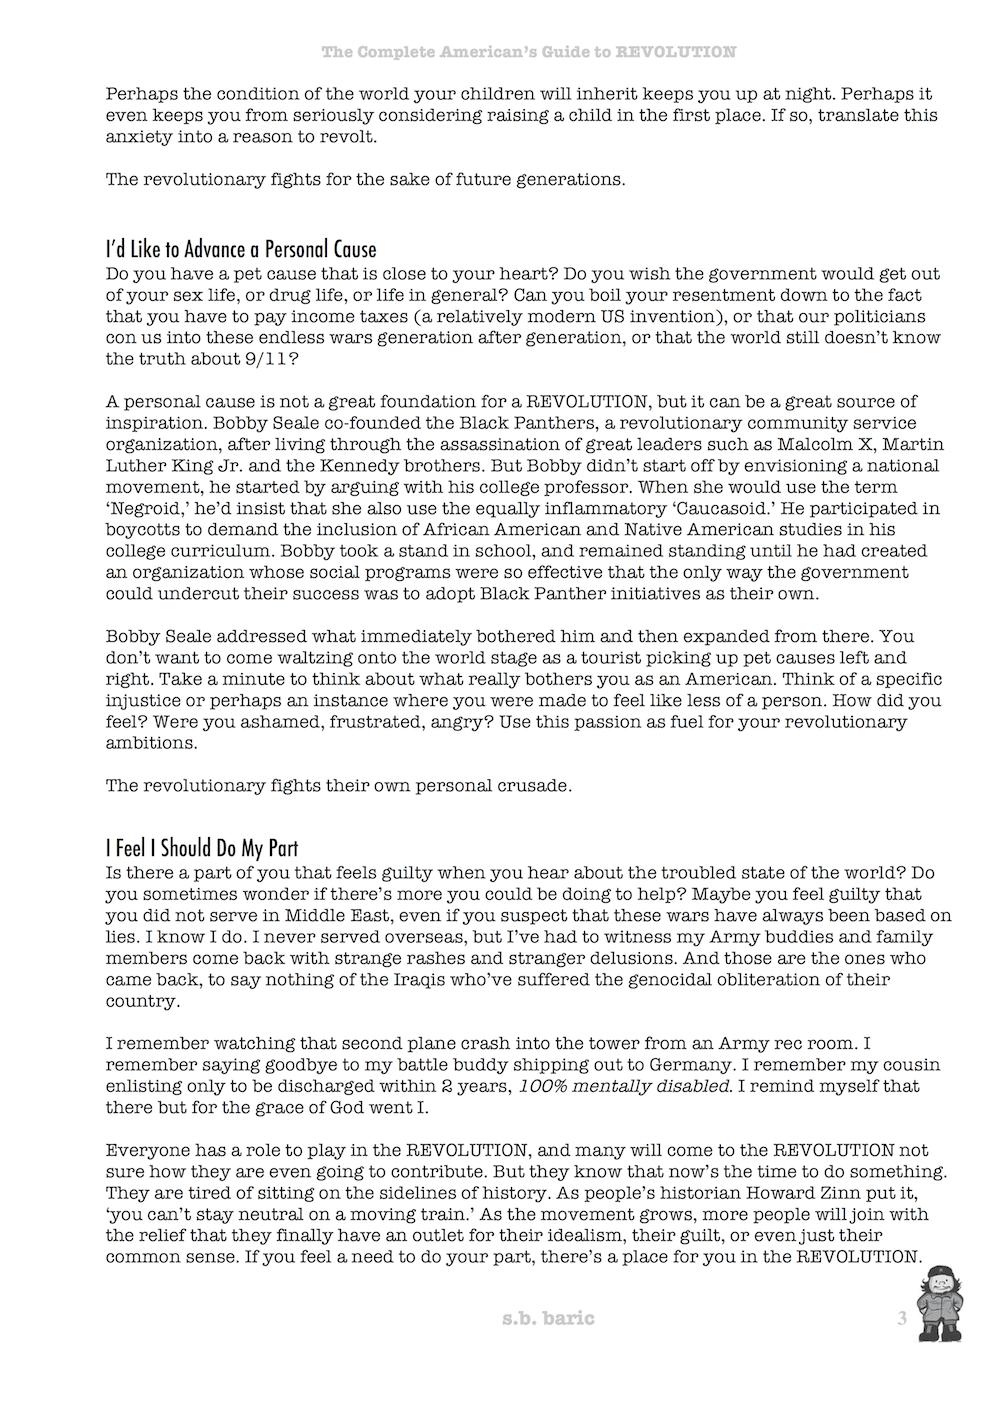 CAGR Ch 1 pg 4